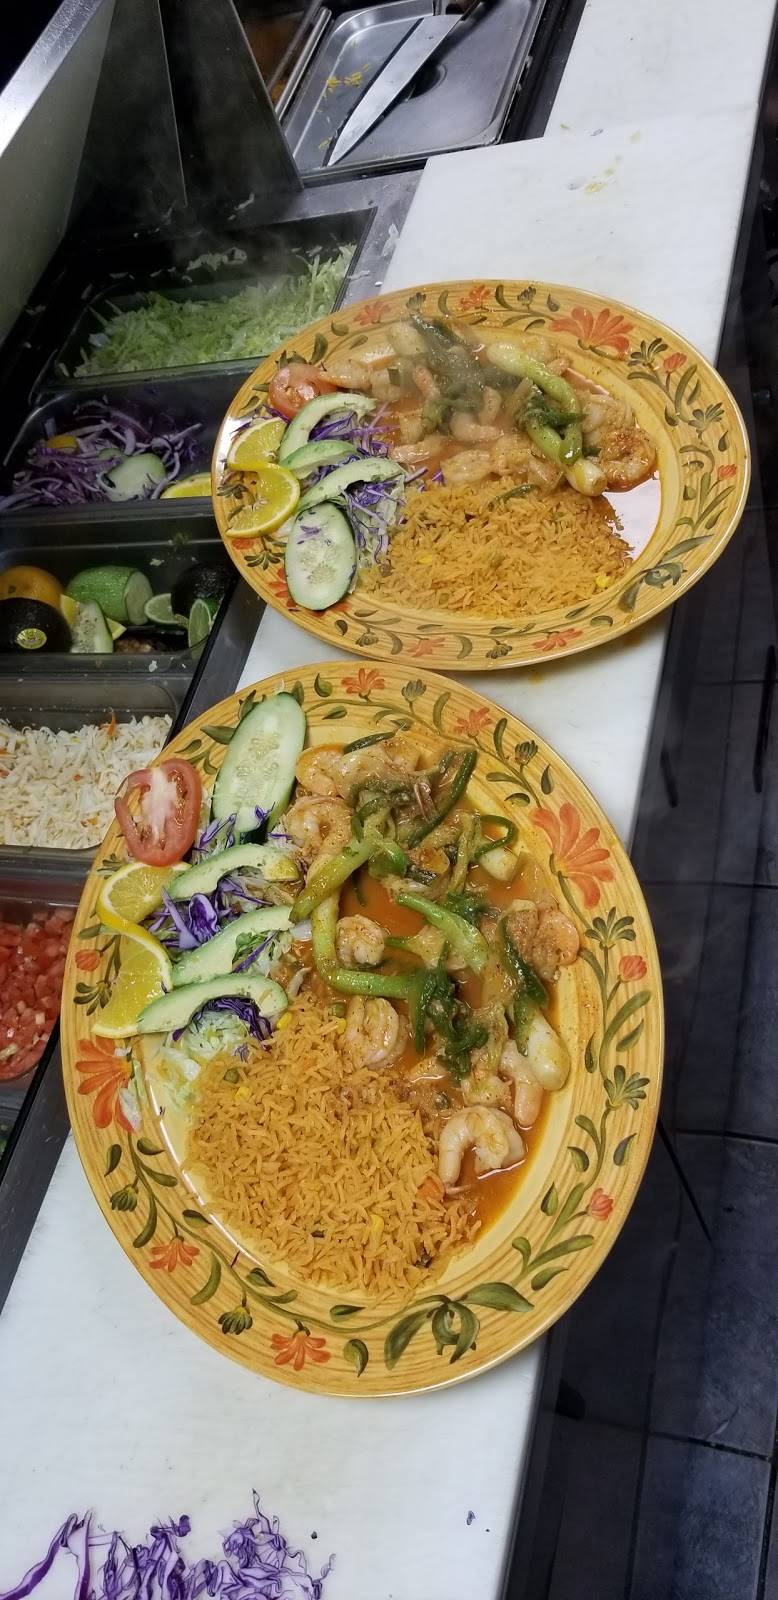 El Ranchito La Presa Taqueria Y Mariscos   restaurant   75 N John F.Kennedy Dr, Carpentersville, IL 60110, USA   2244848641 OR +1 224-484-8641